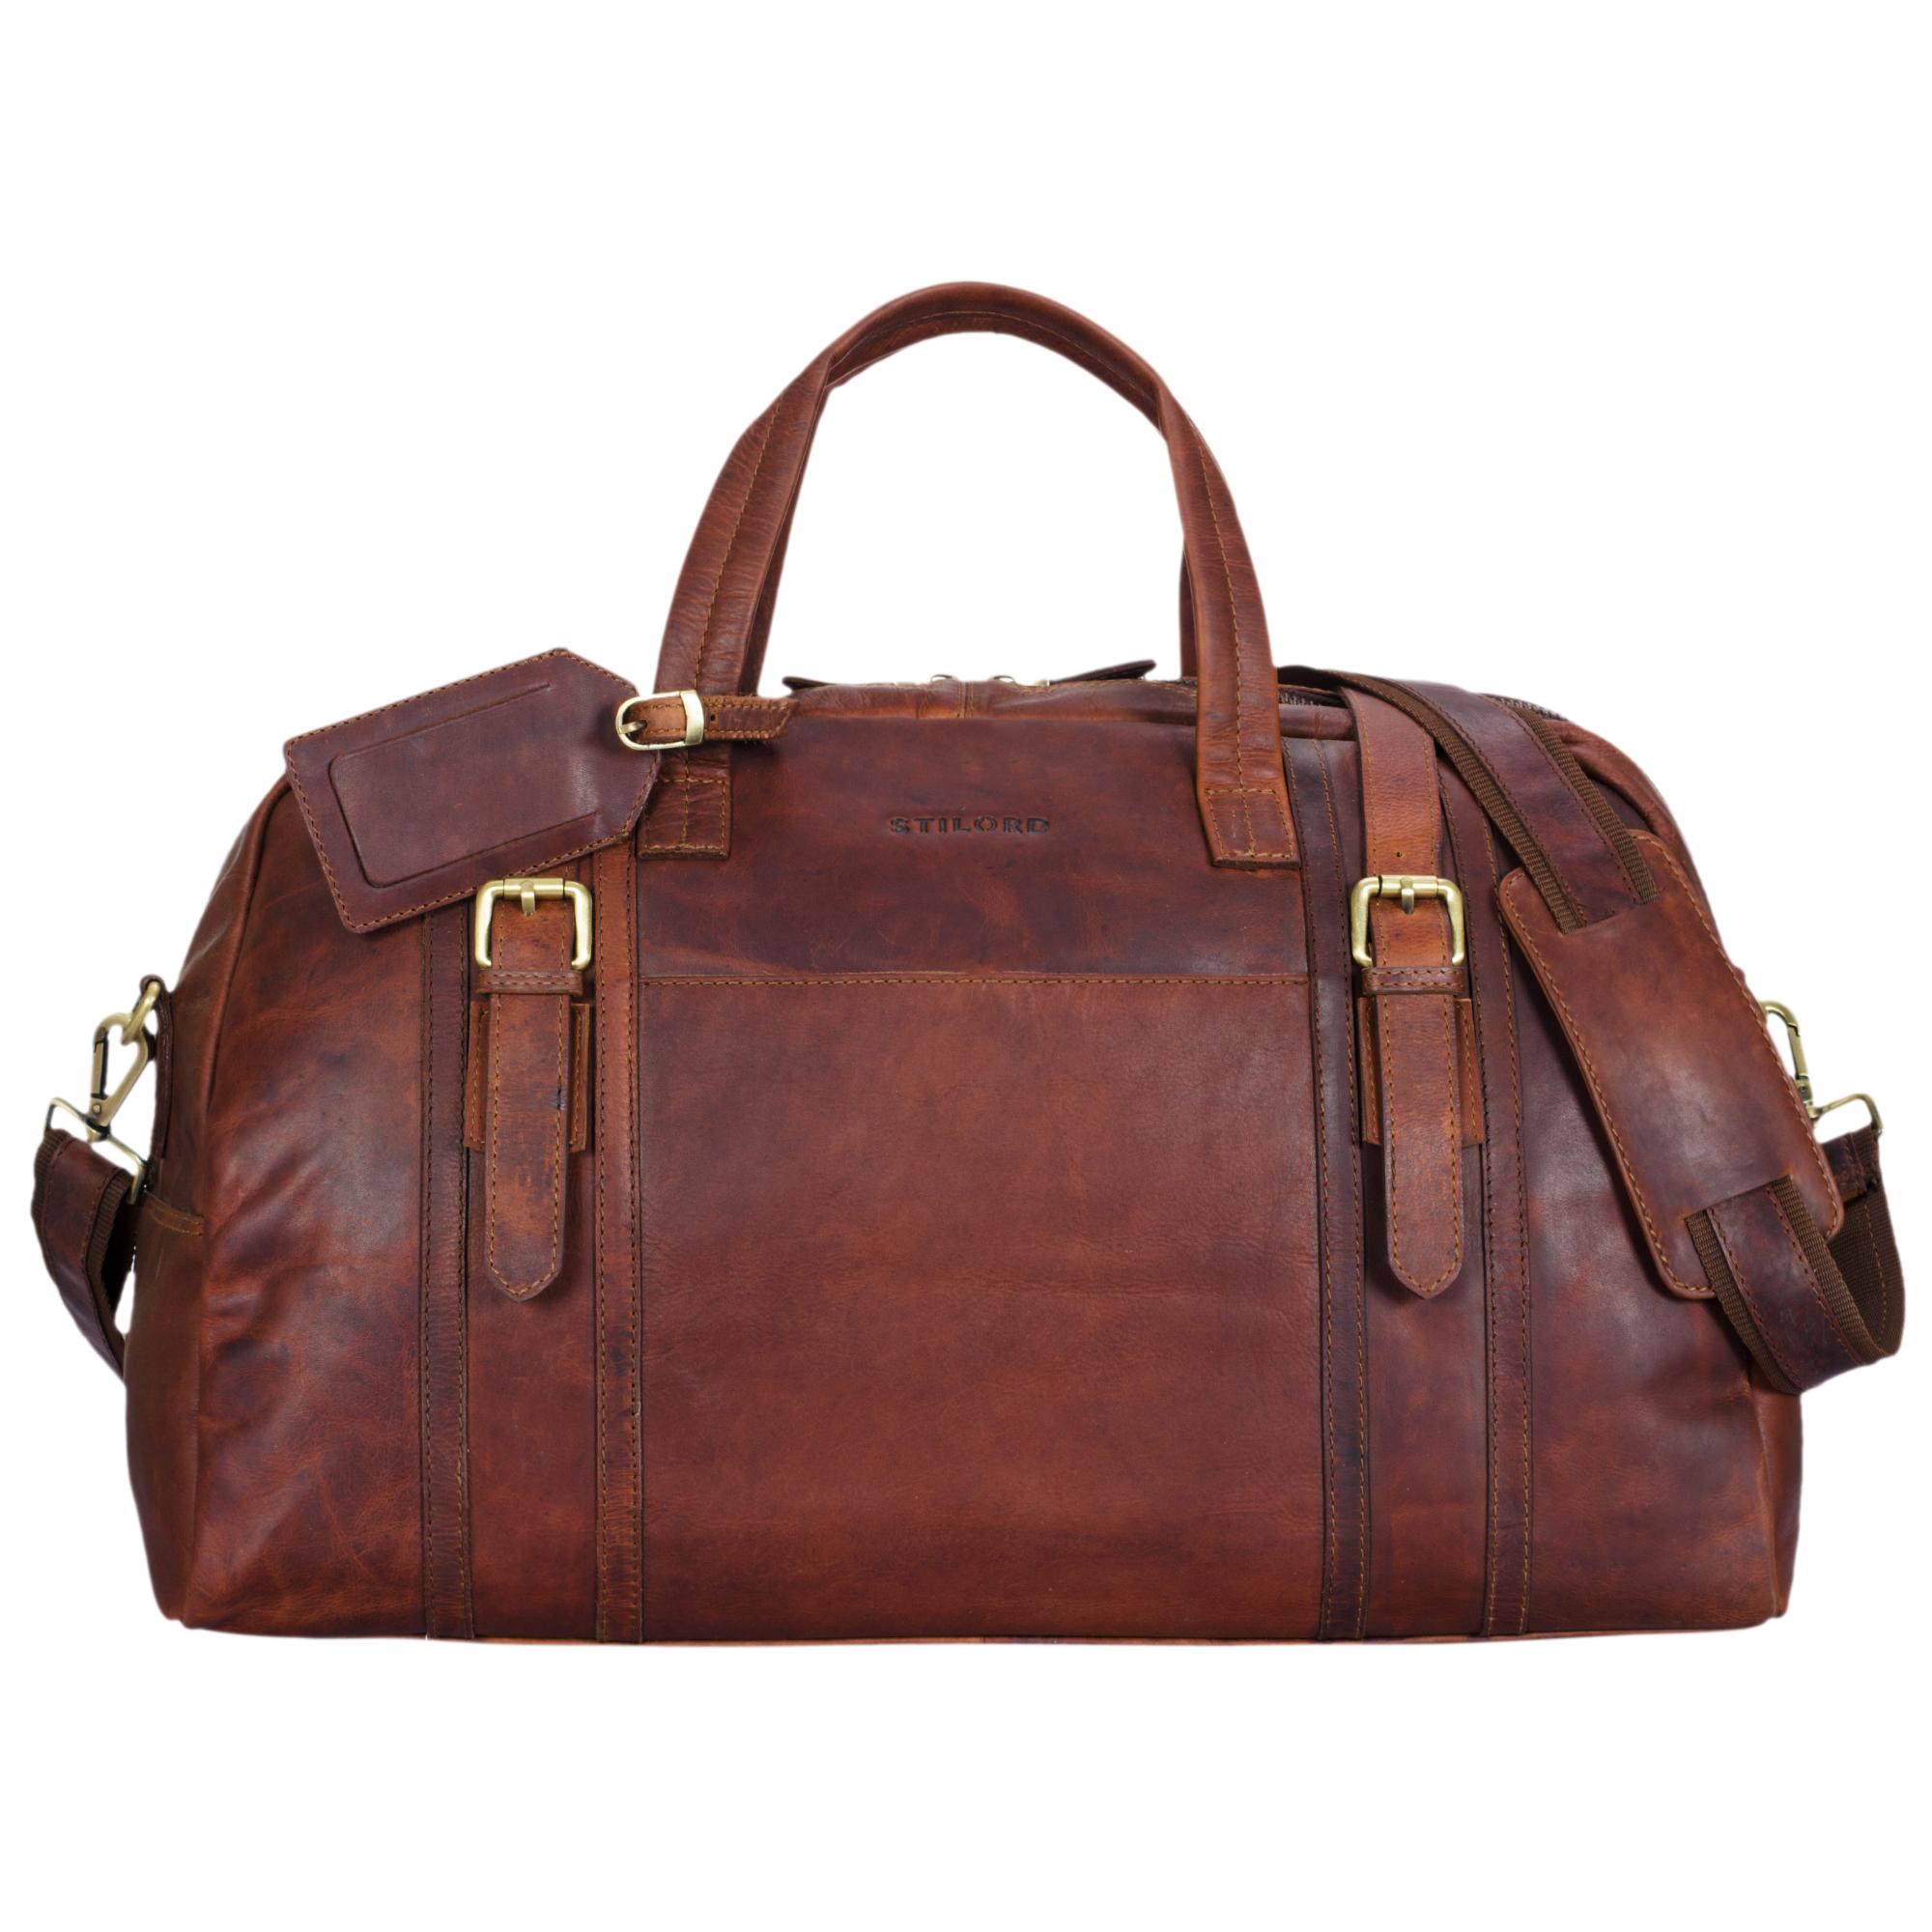 """STILORD """"Georgia"""" Große Reisetasche Vintage Leder mit Tragegriff und Schultergurt Reisegepäck Handgepäck in Kabinengröße aus echtem Büffel Leder - Bild 10"""